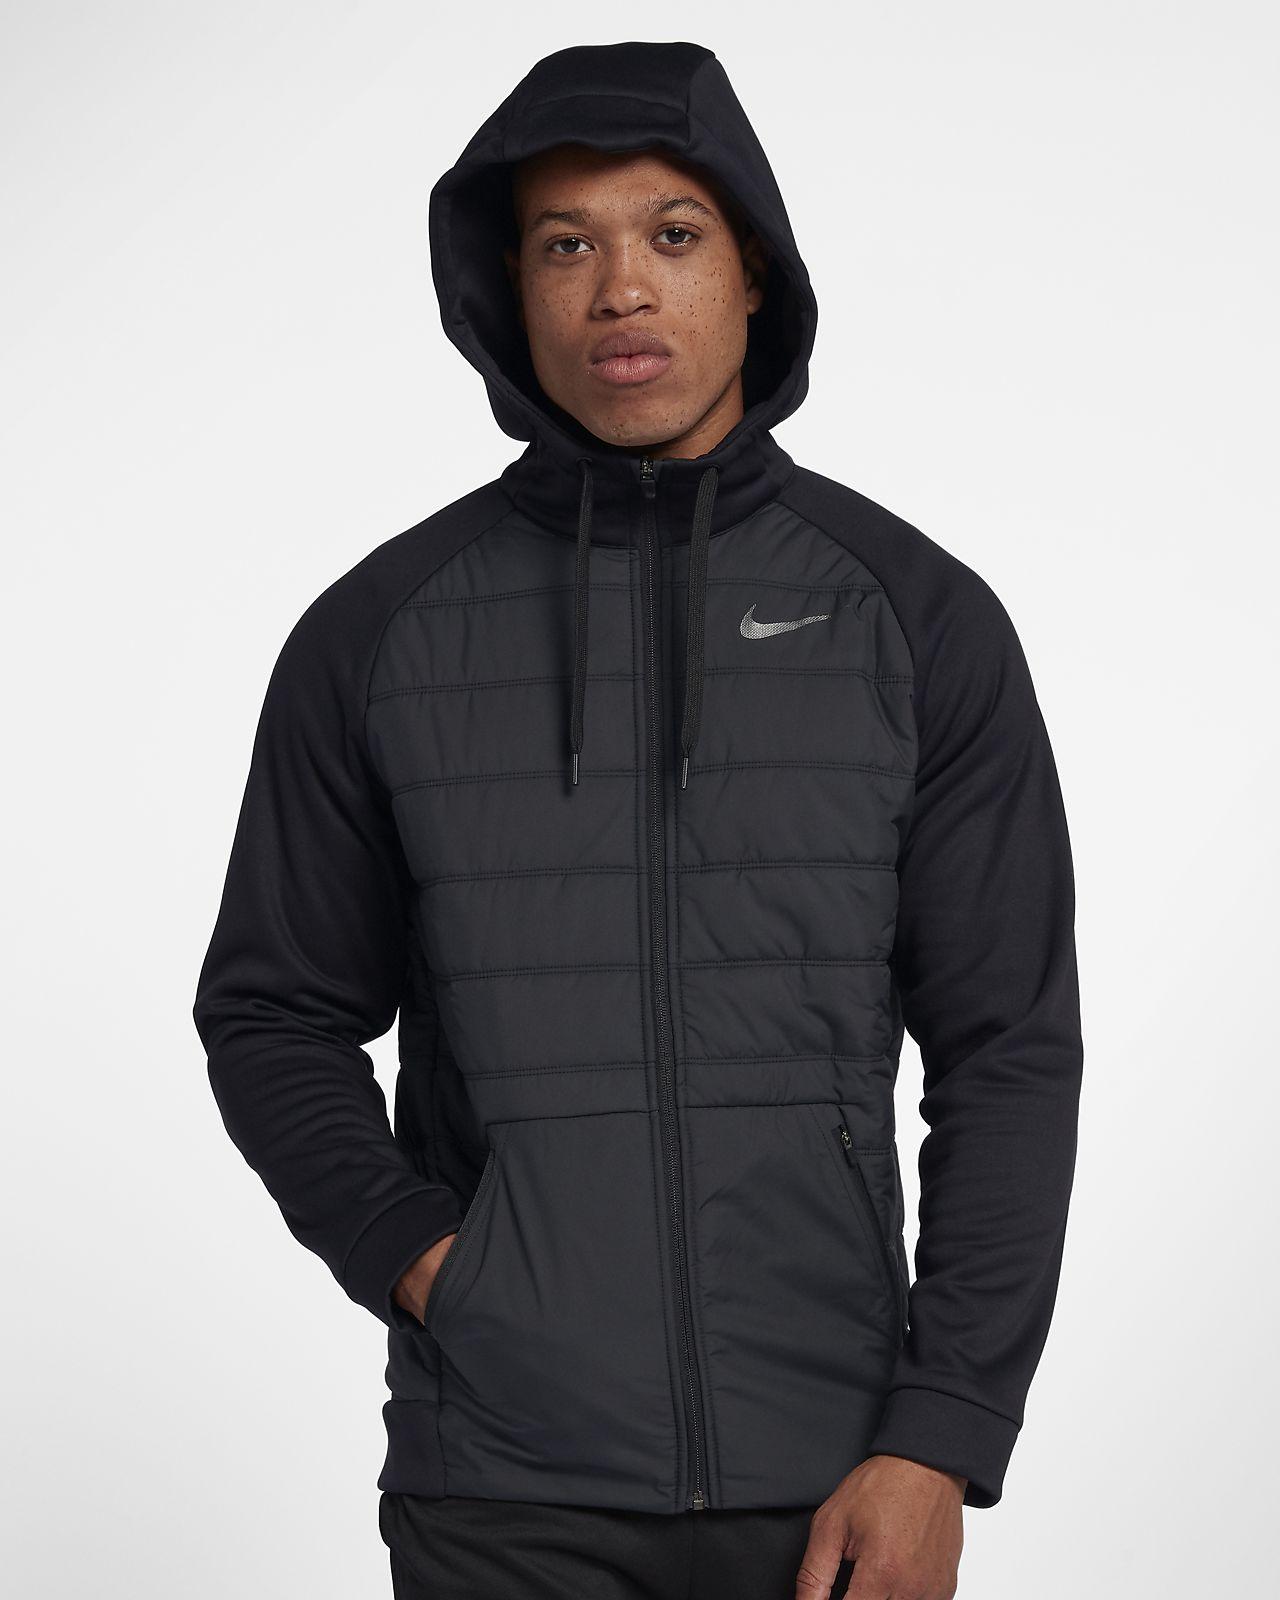 Nike Therma Winterized Sudadera con capucha con cremallera completa - Hombre